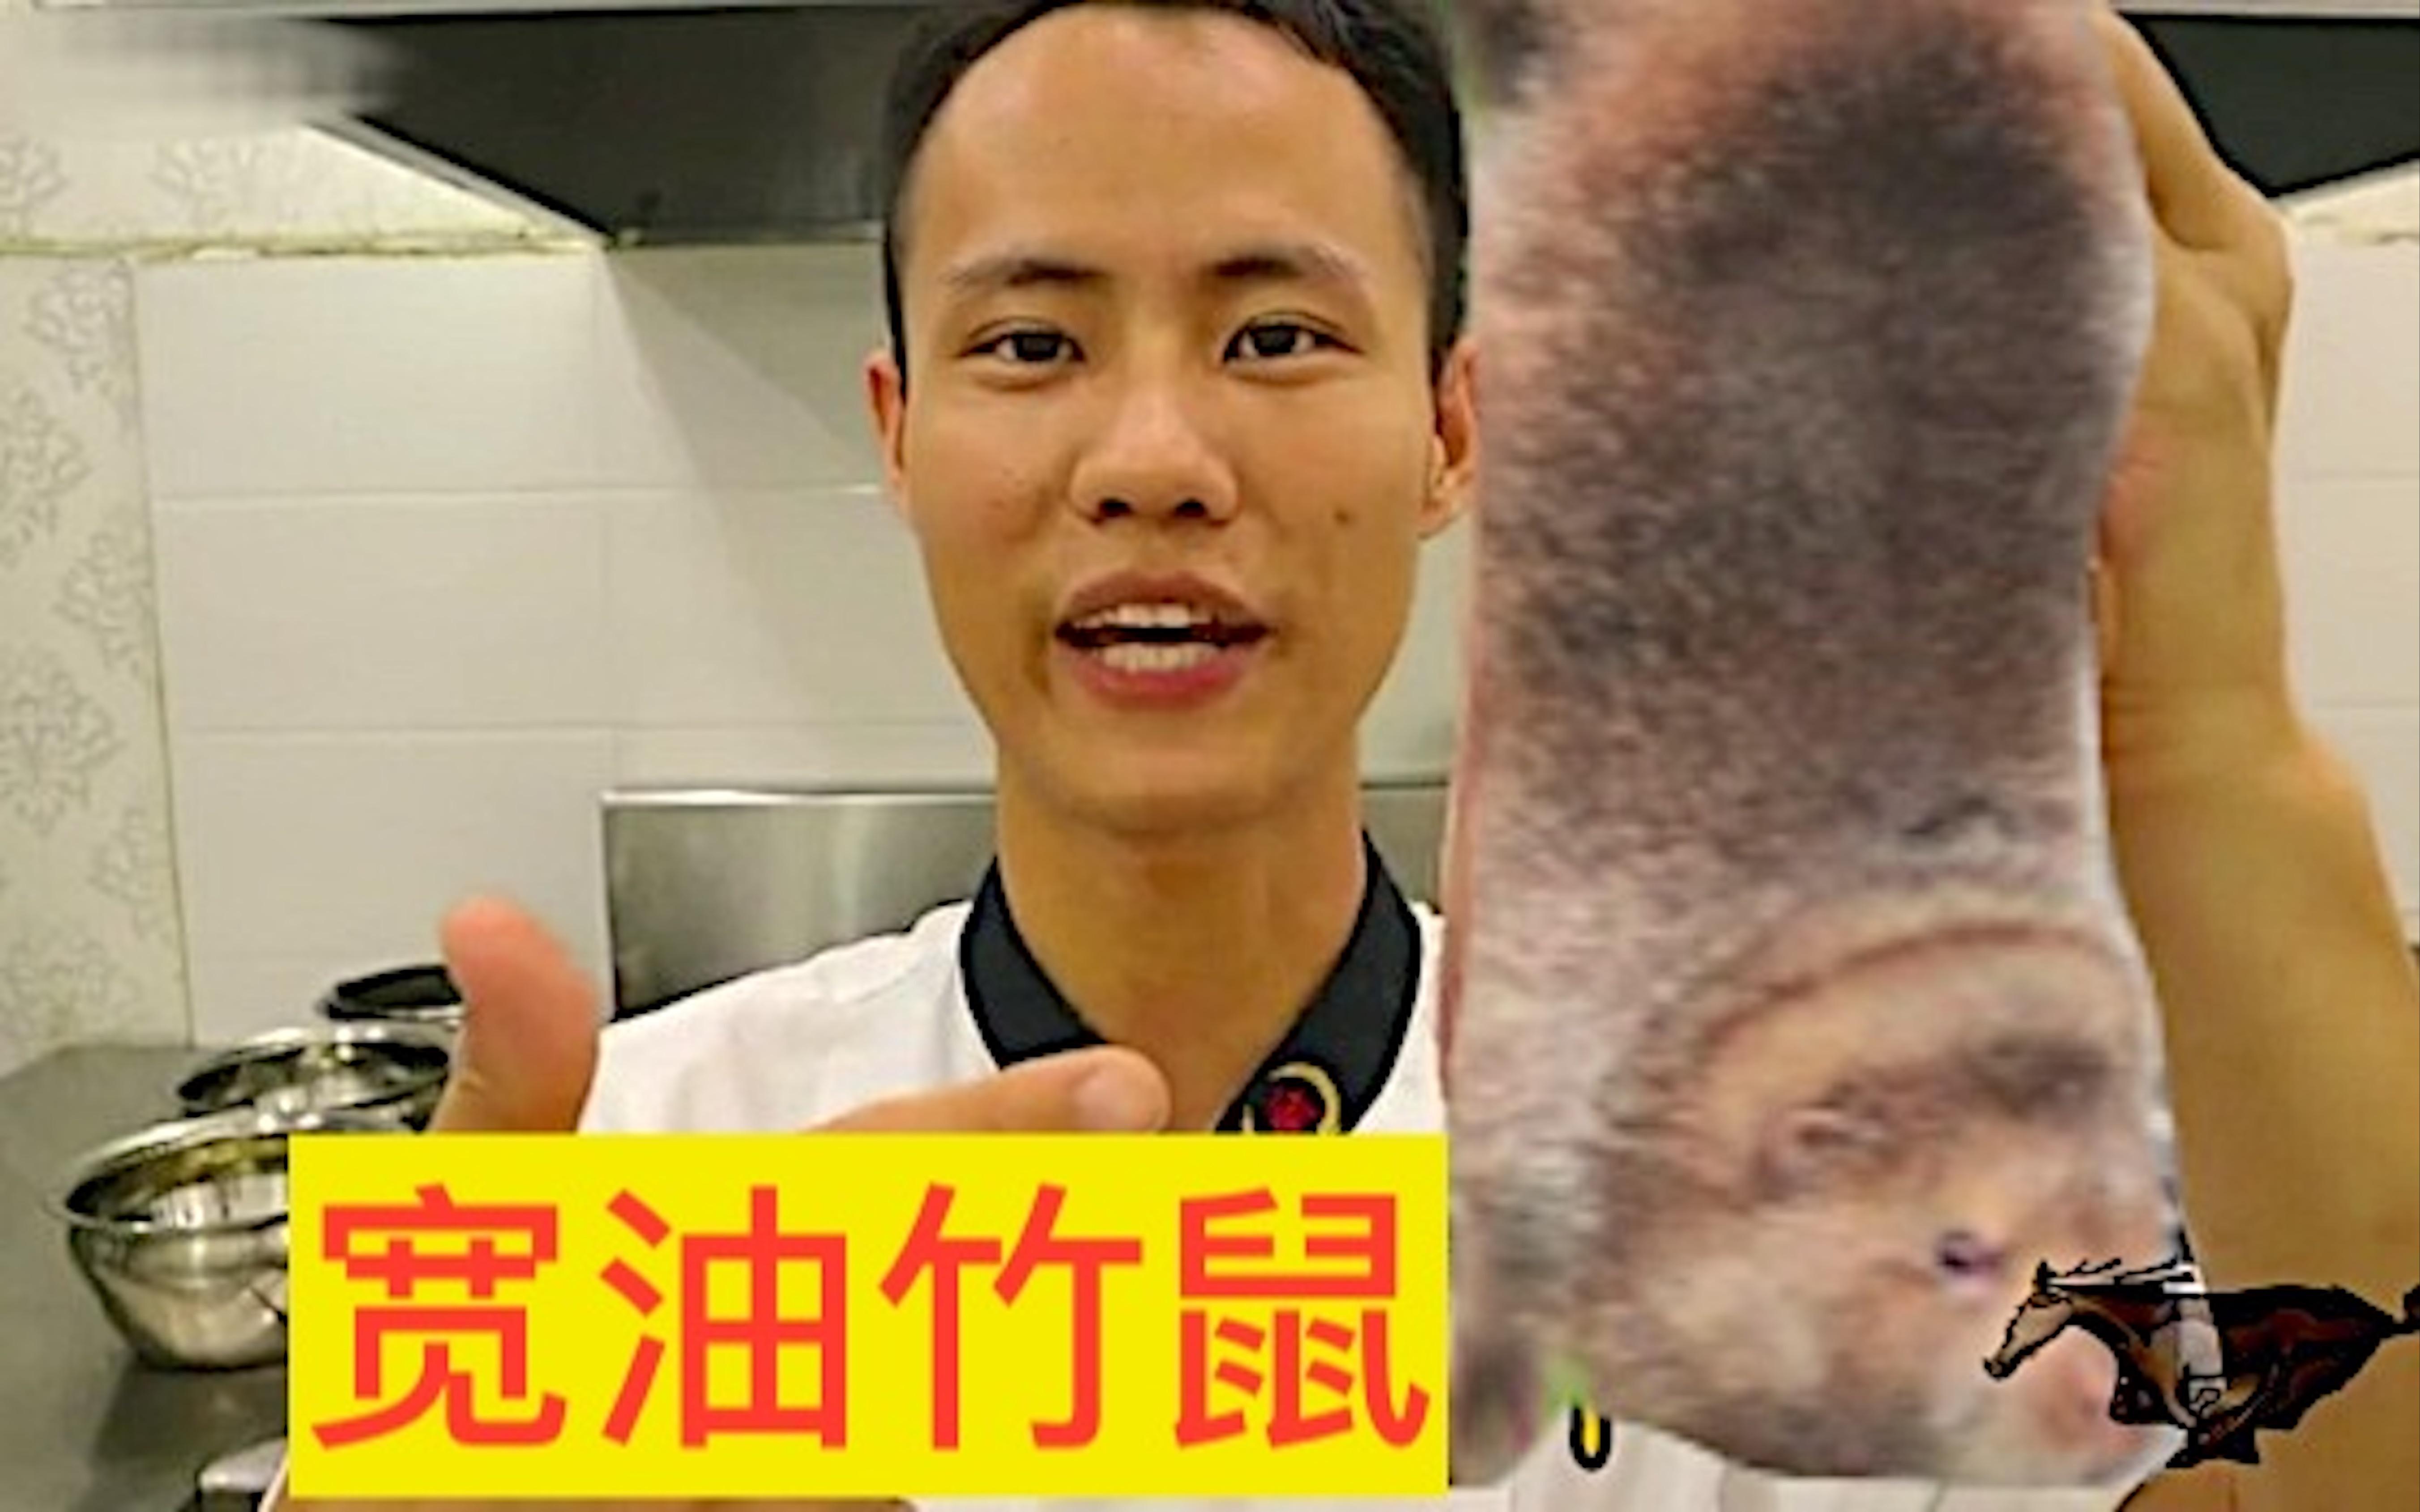 厨师长王刚教华农兄弟如何料理中暑竹鼠,肉真香!